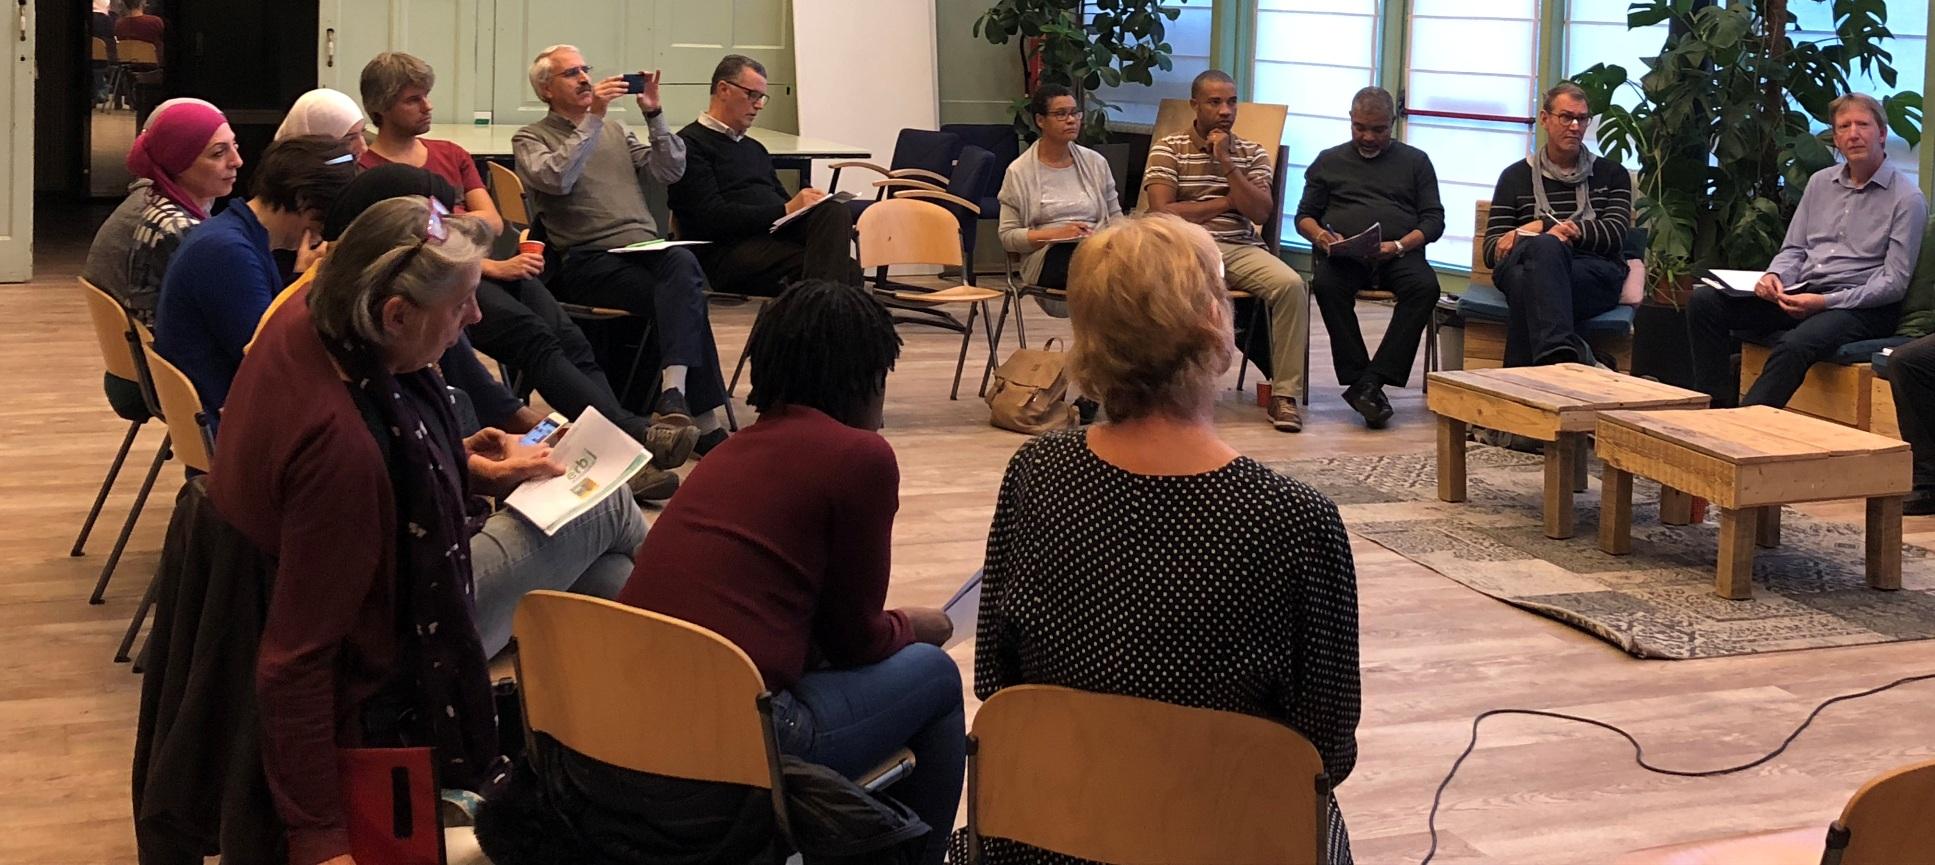 Oudere migranten en eenzaamheid  in Delfshaven